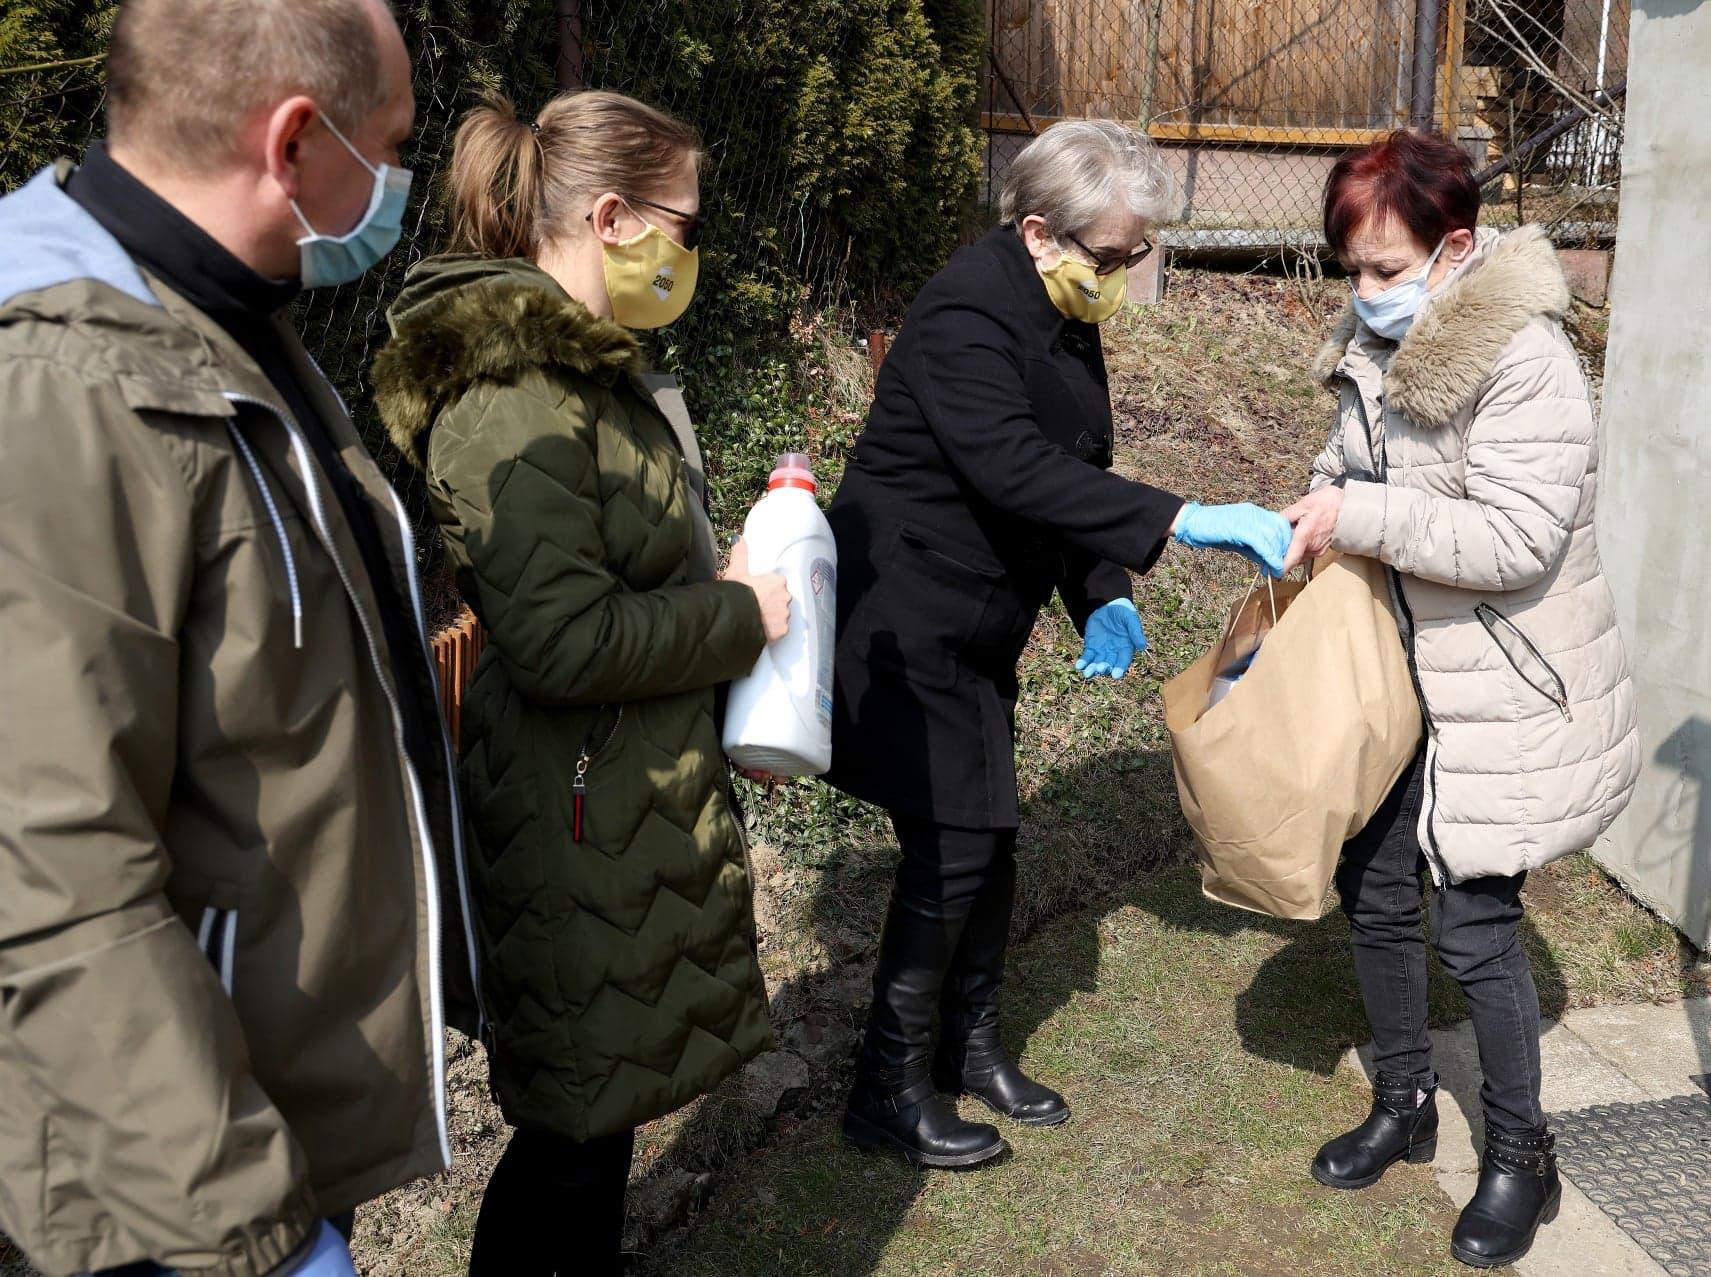 Pomogli samotnym mieszkańcom powiatu bieszczadzkiego [ZDJĘCIA] - Zdjęcie główne